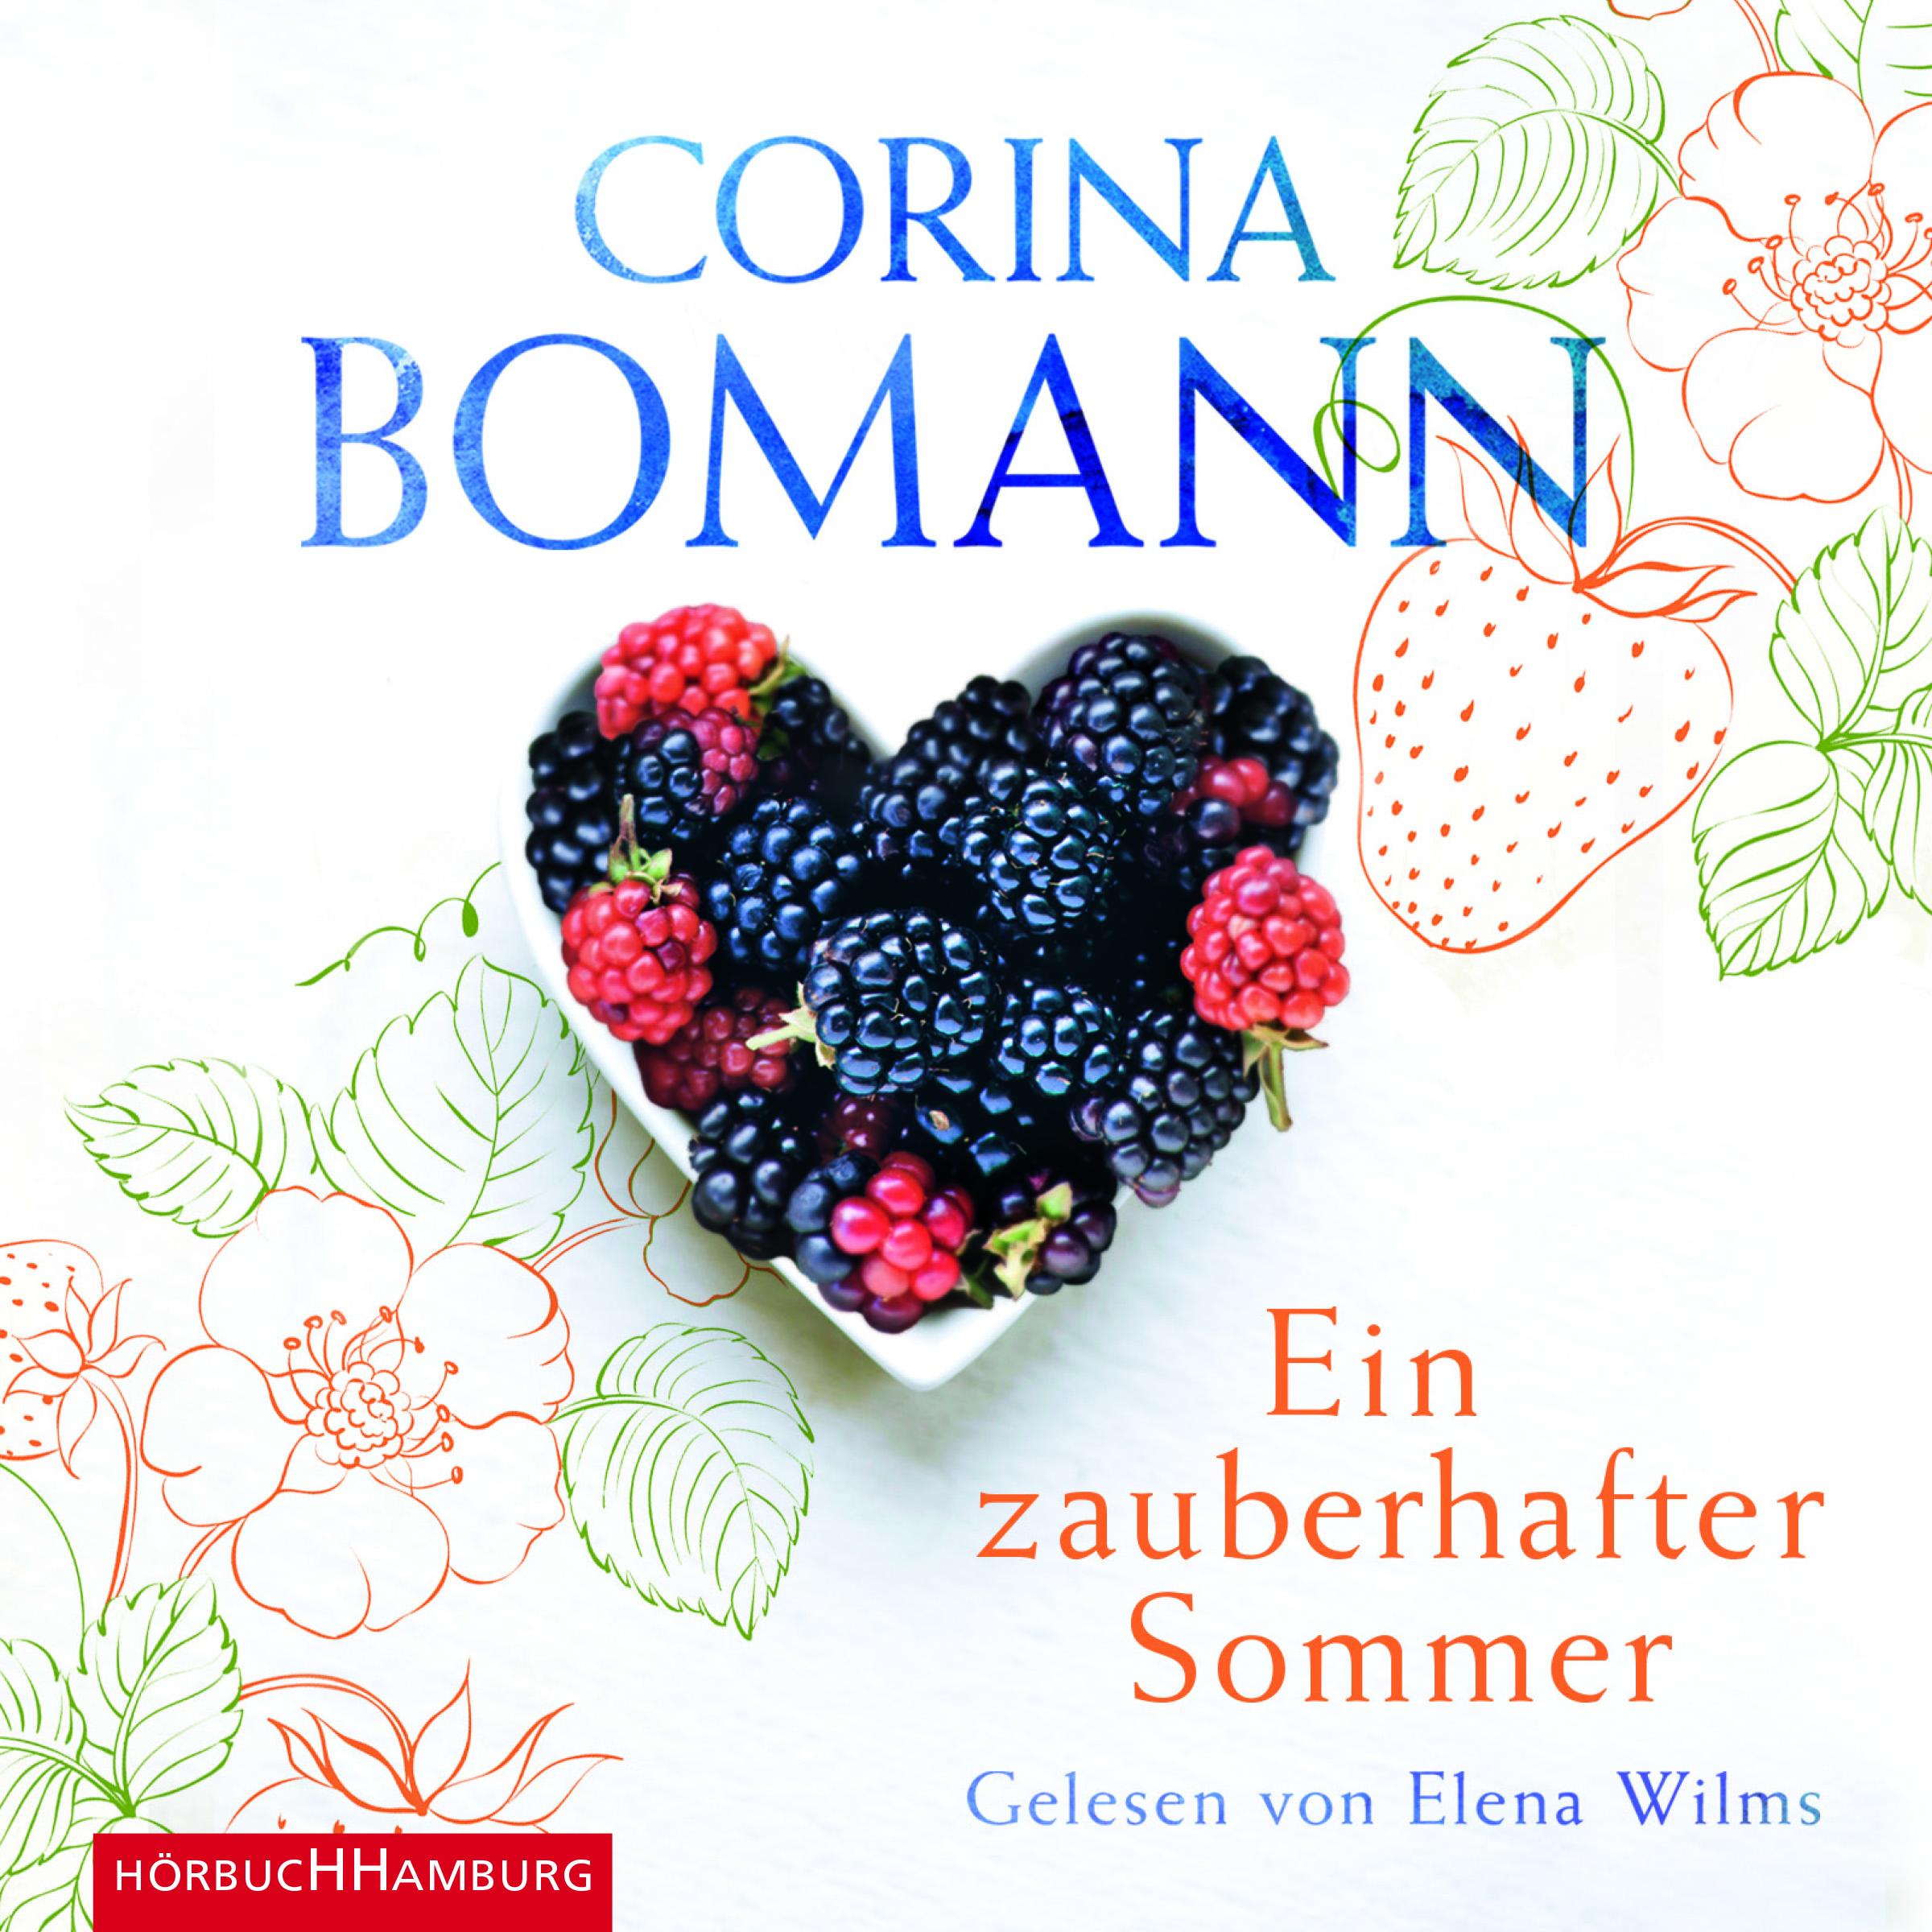 Cover für das Ein zauberhafter Sommer Hörbuch